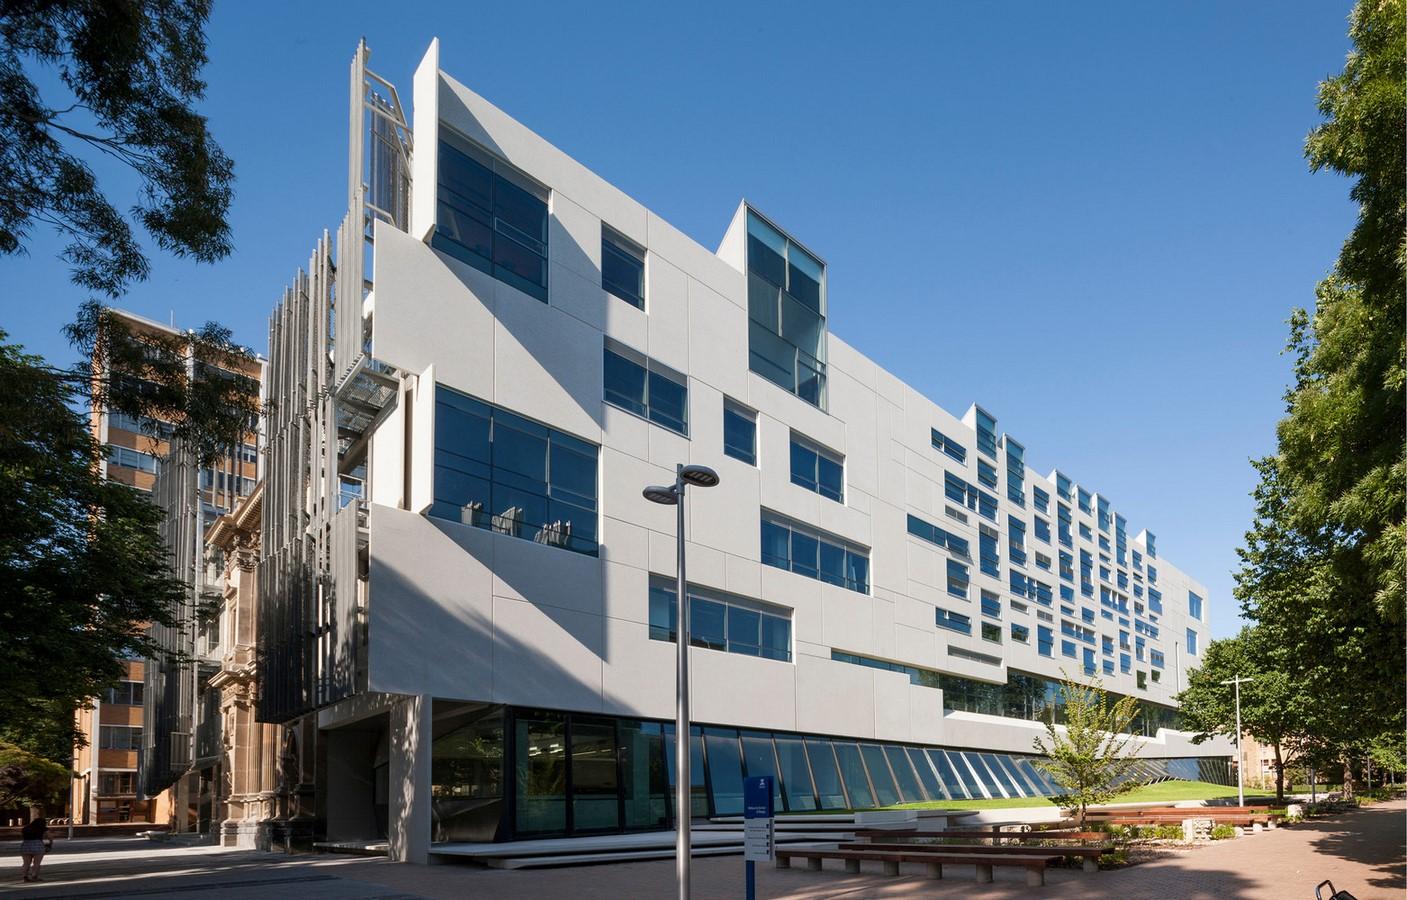 Melbourne School of Design University of Melbourne - Sheet1